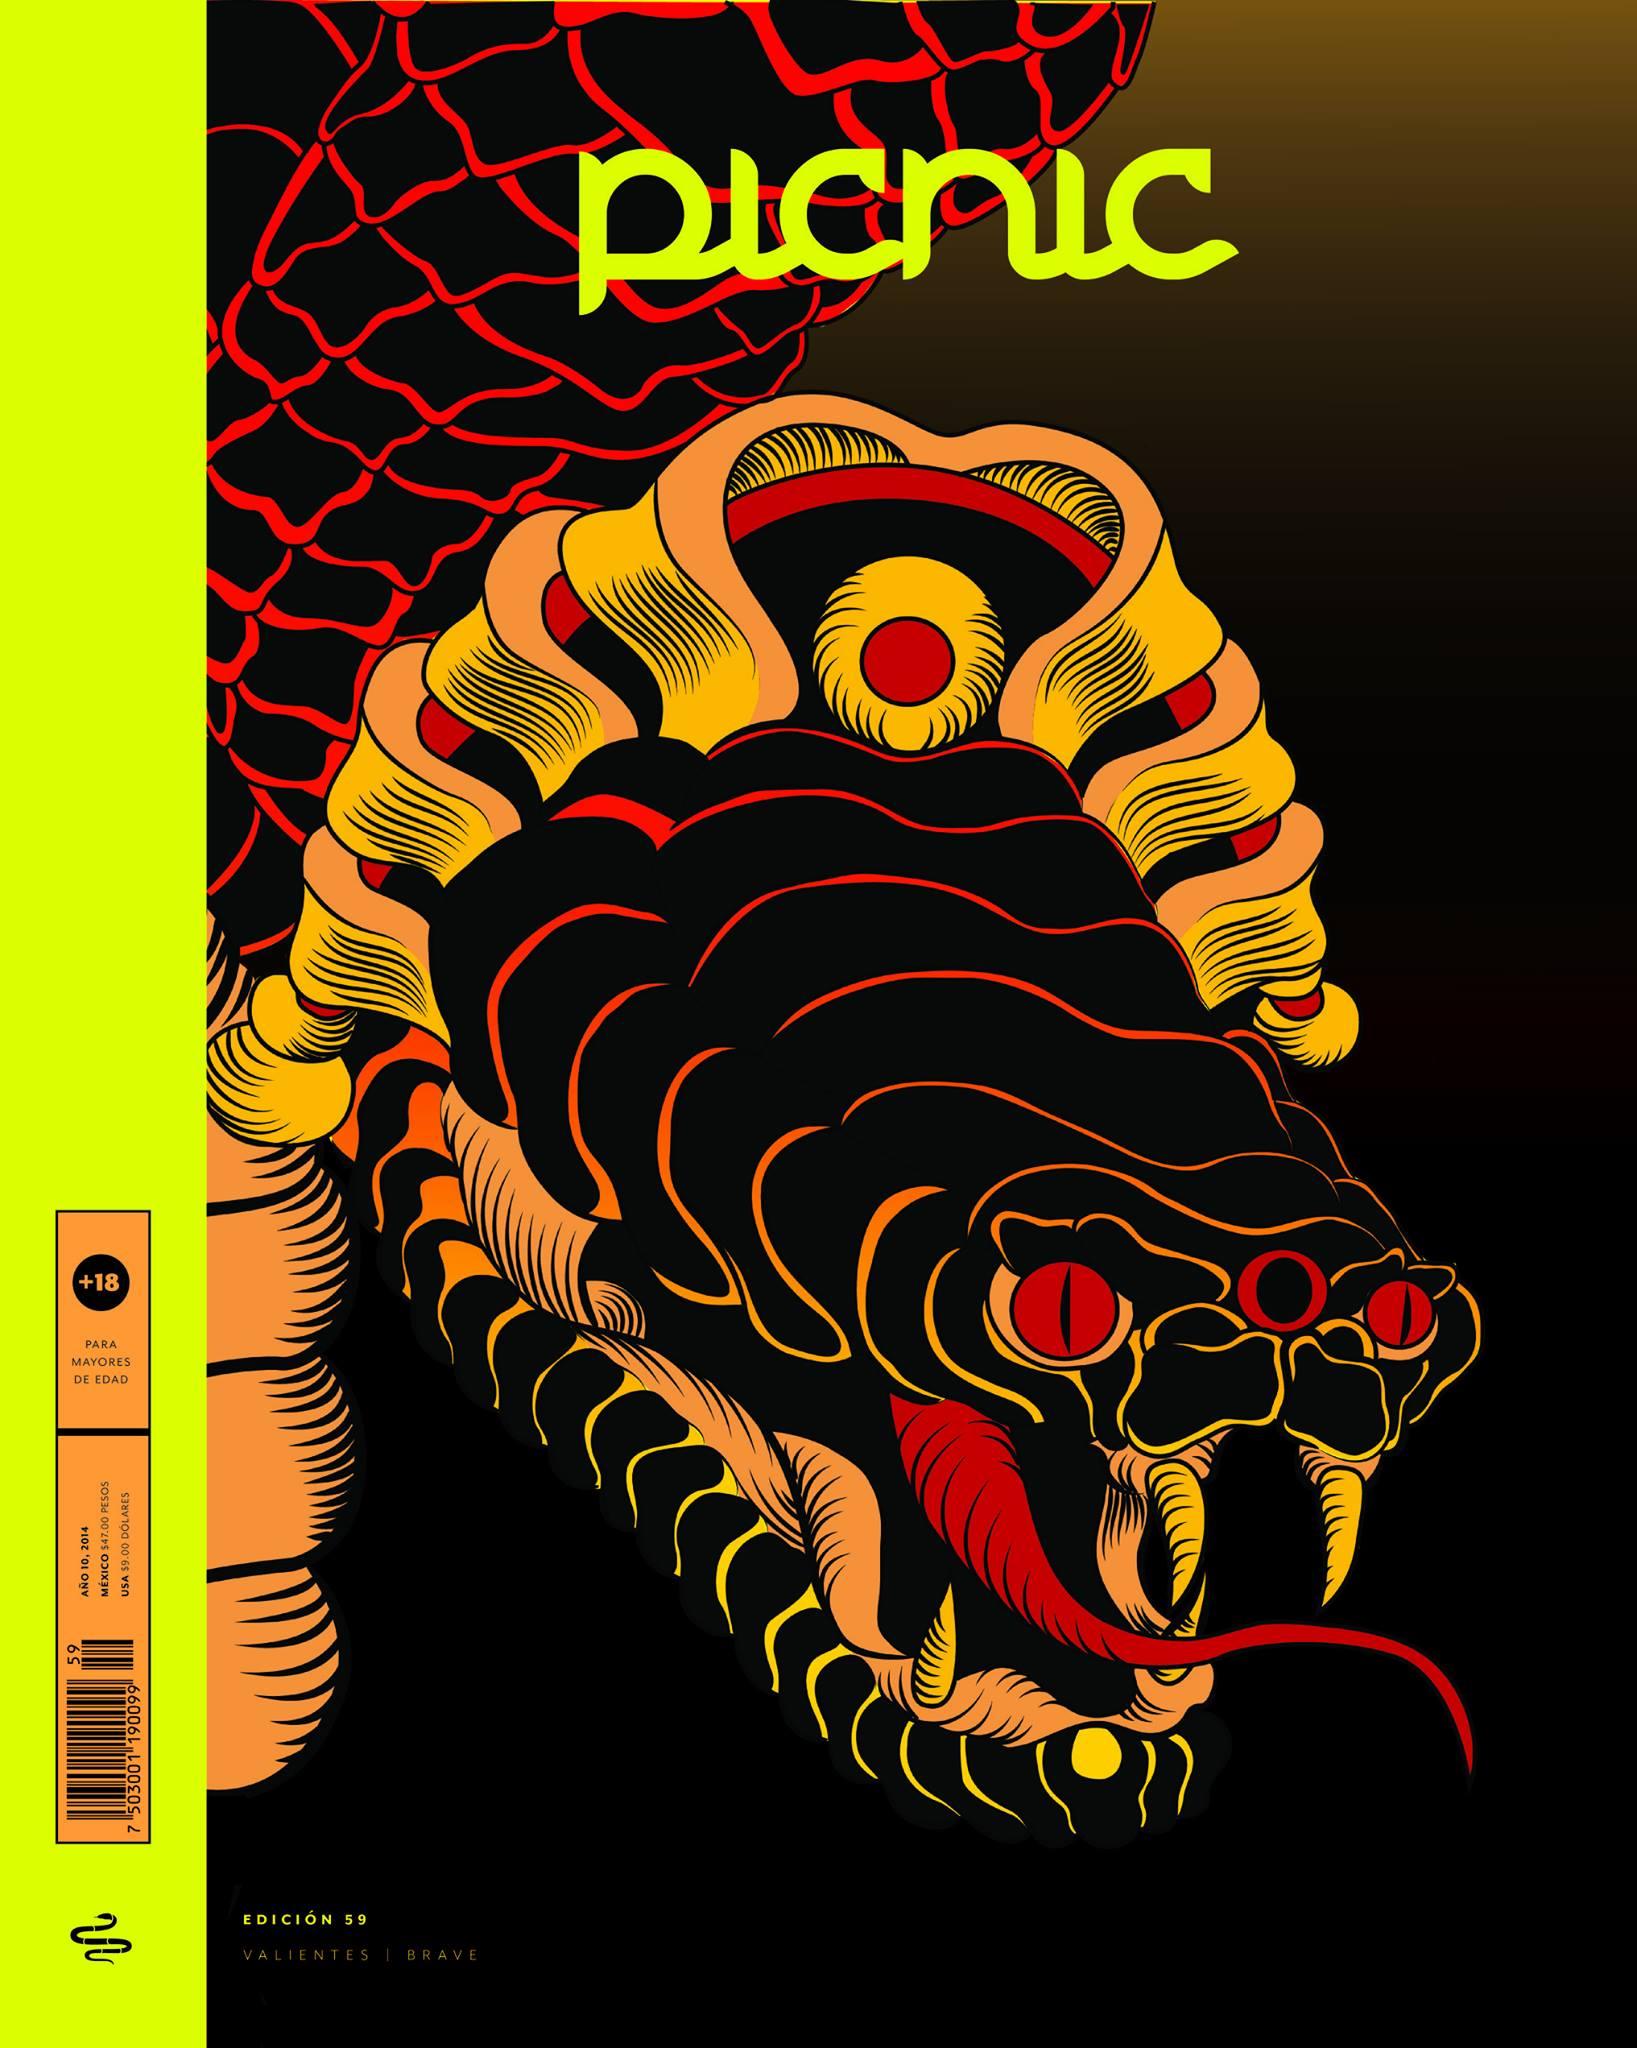 Picnic en 3DMX – UNIAT (valientes)